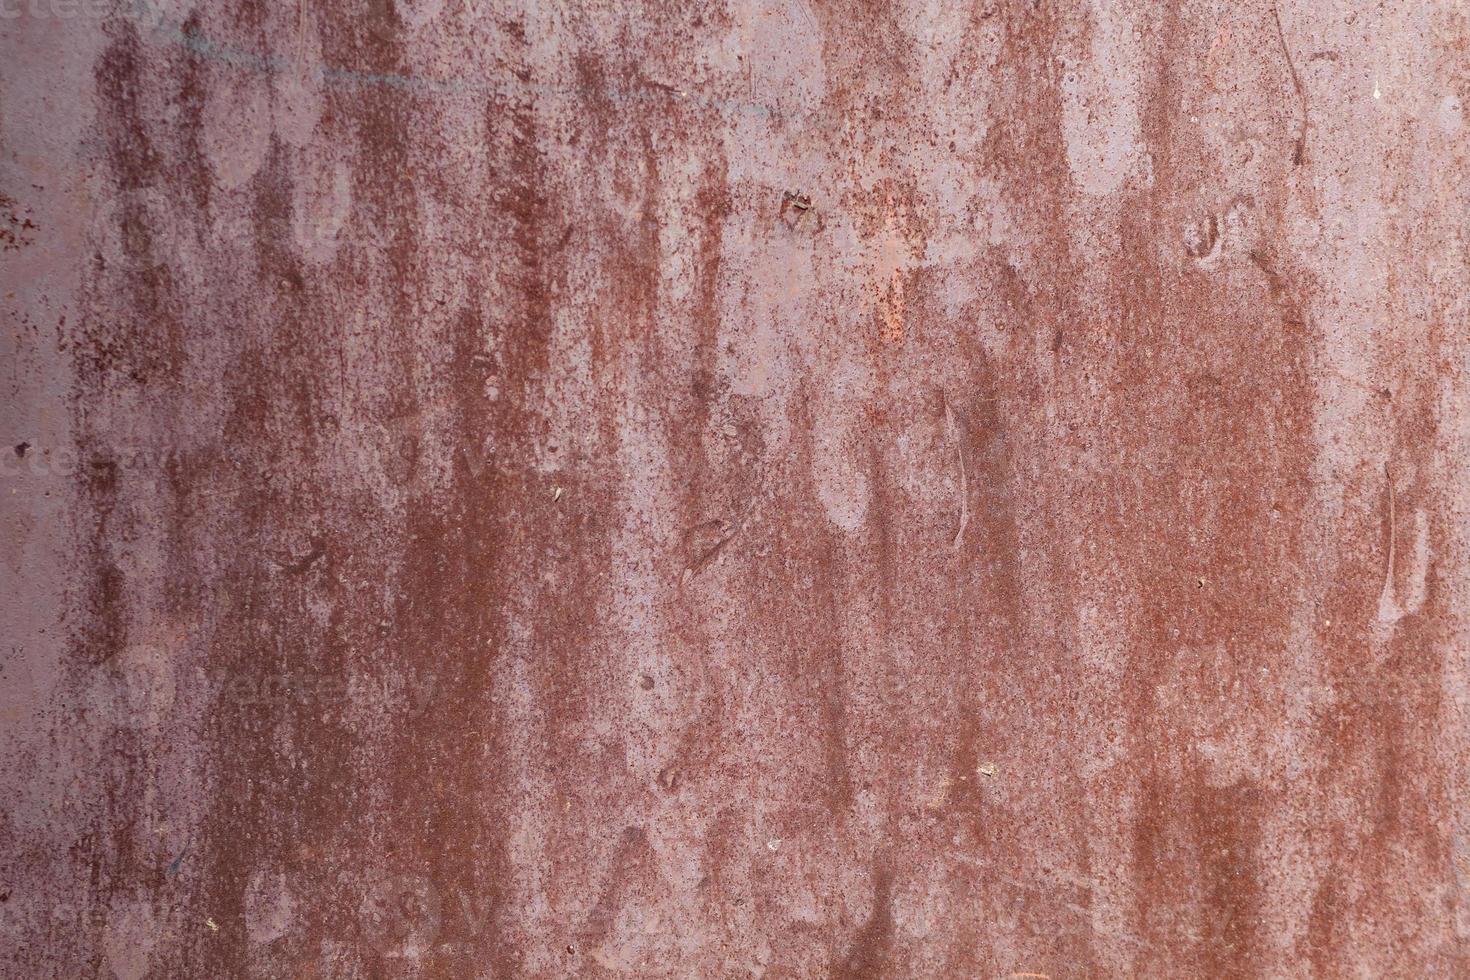 texture de métal peint rouillé photo